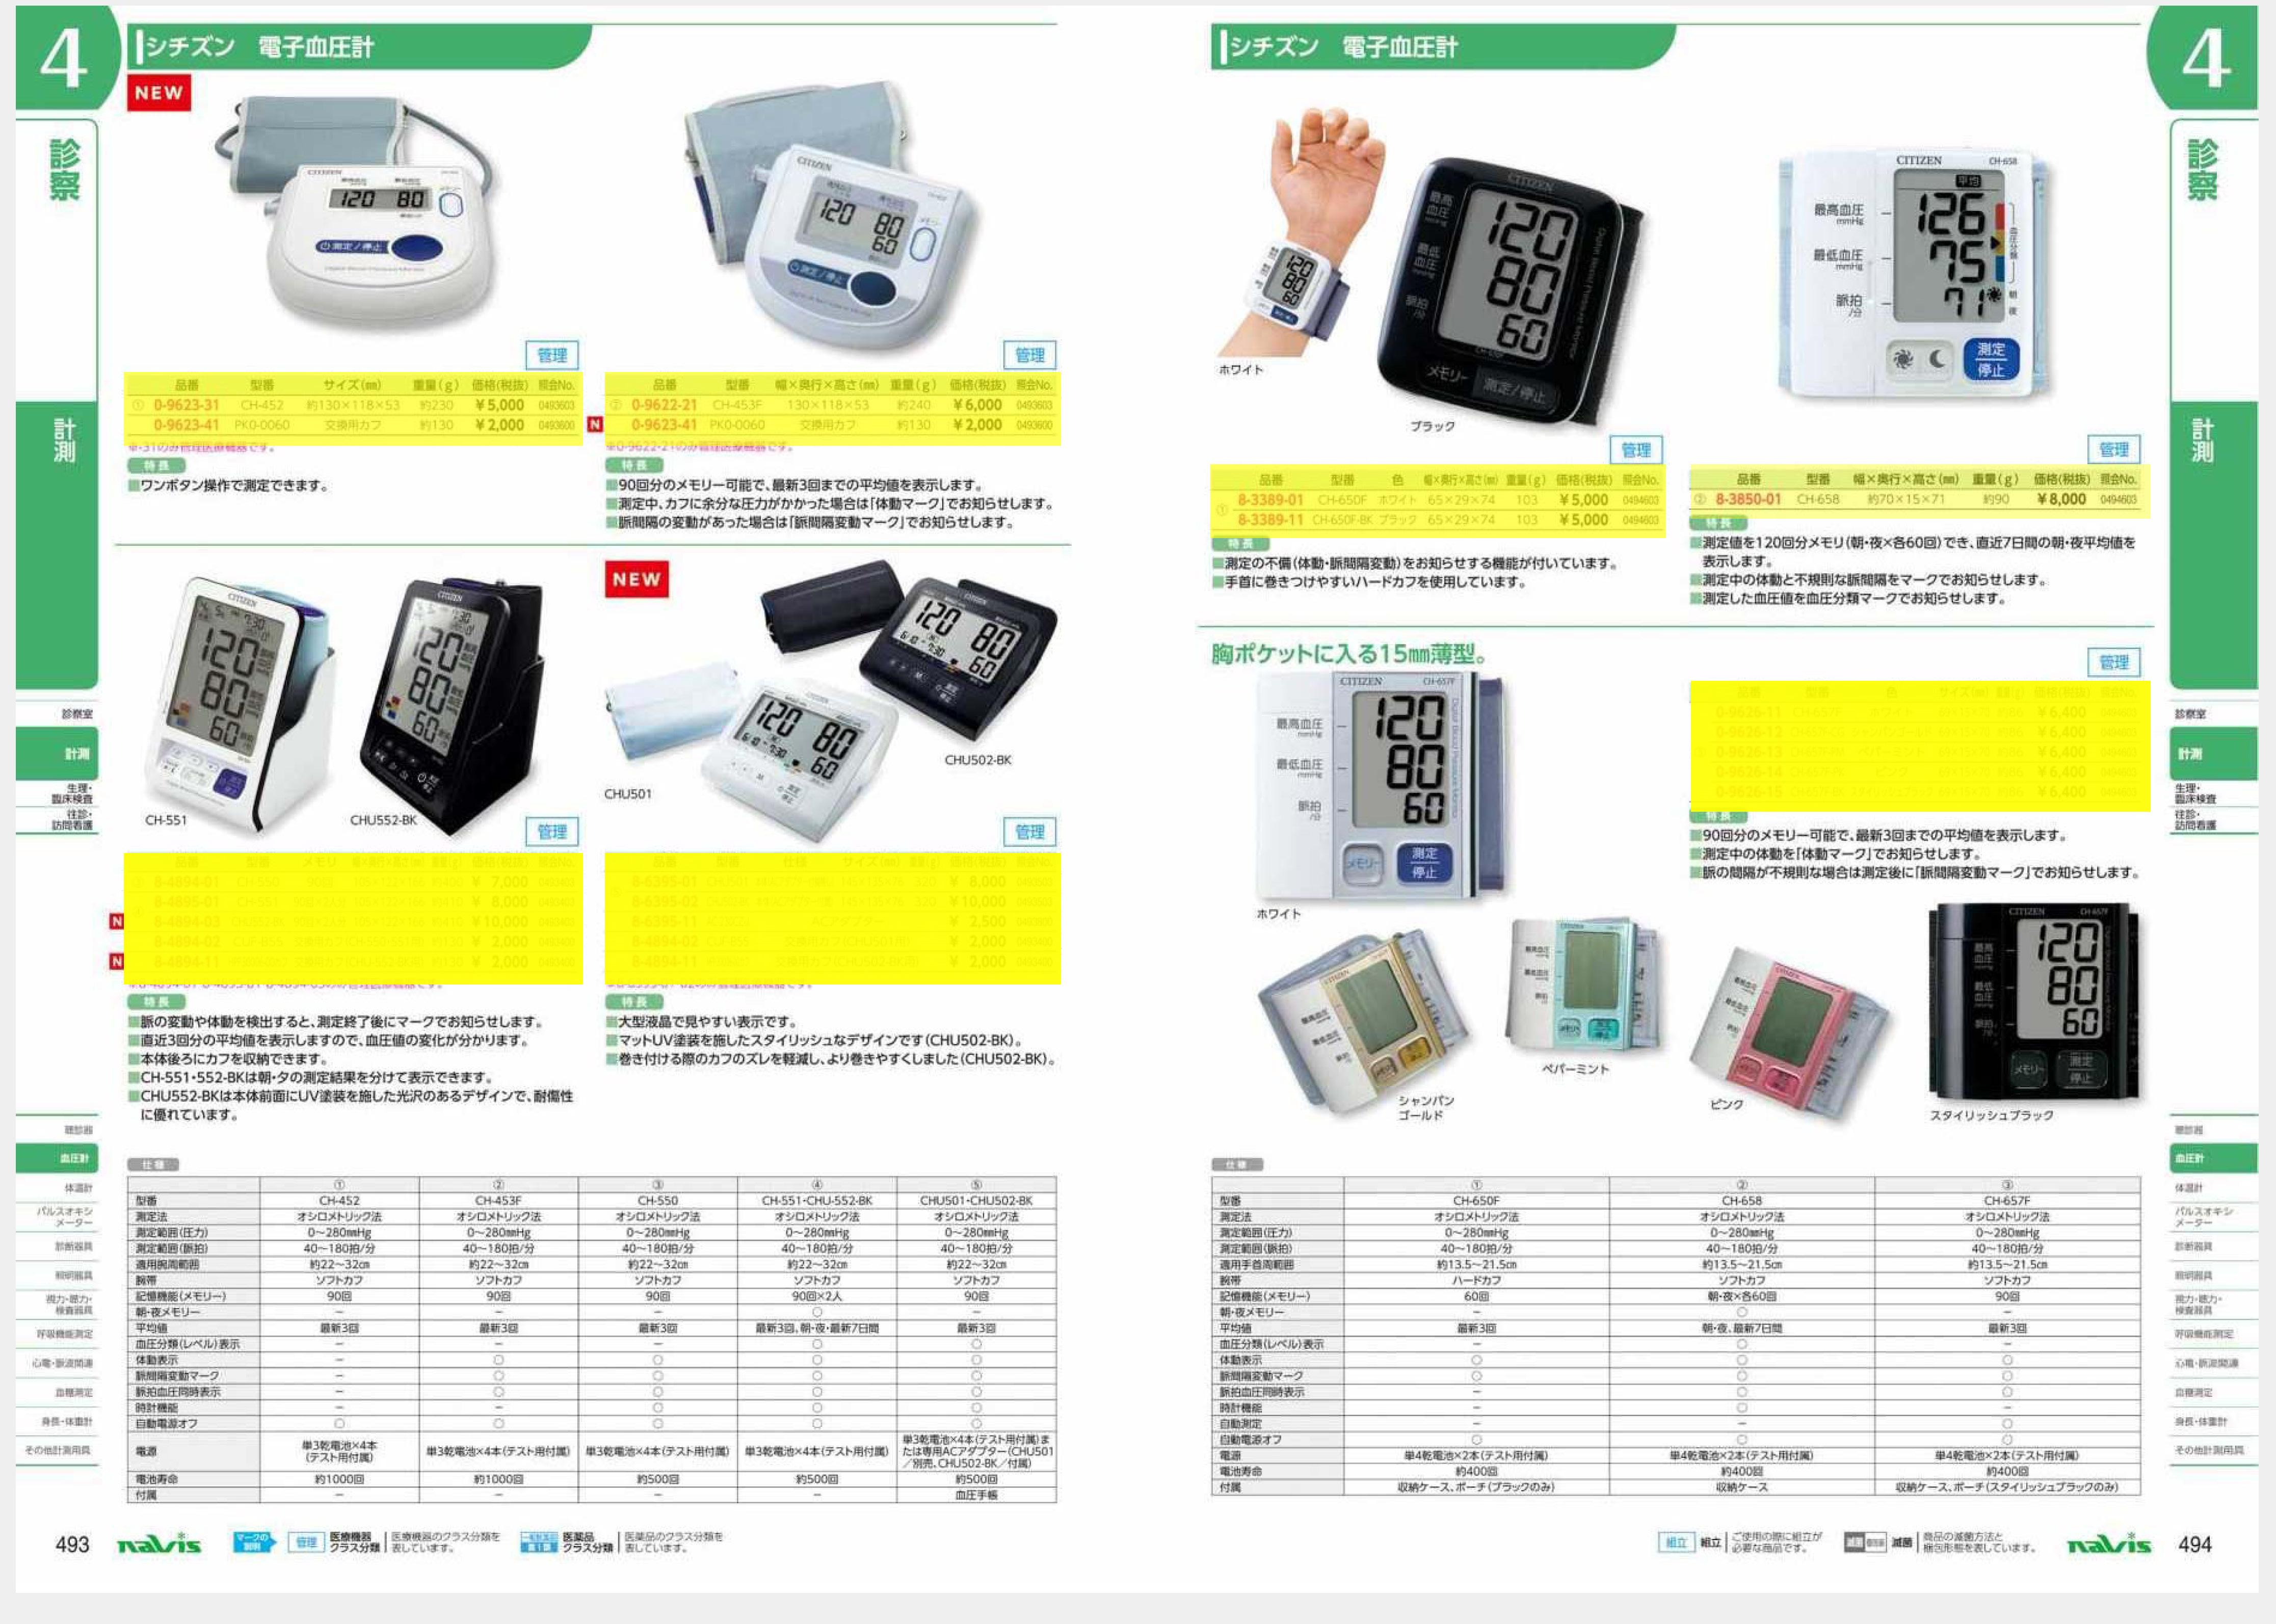 ナビス50000 CITIZEN 8-4894-02 電子血圧計 CUF−B55 交換用カフ[個](as1-8-4894-02)